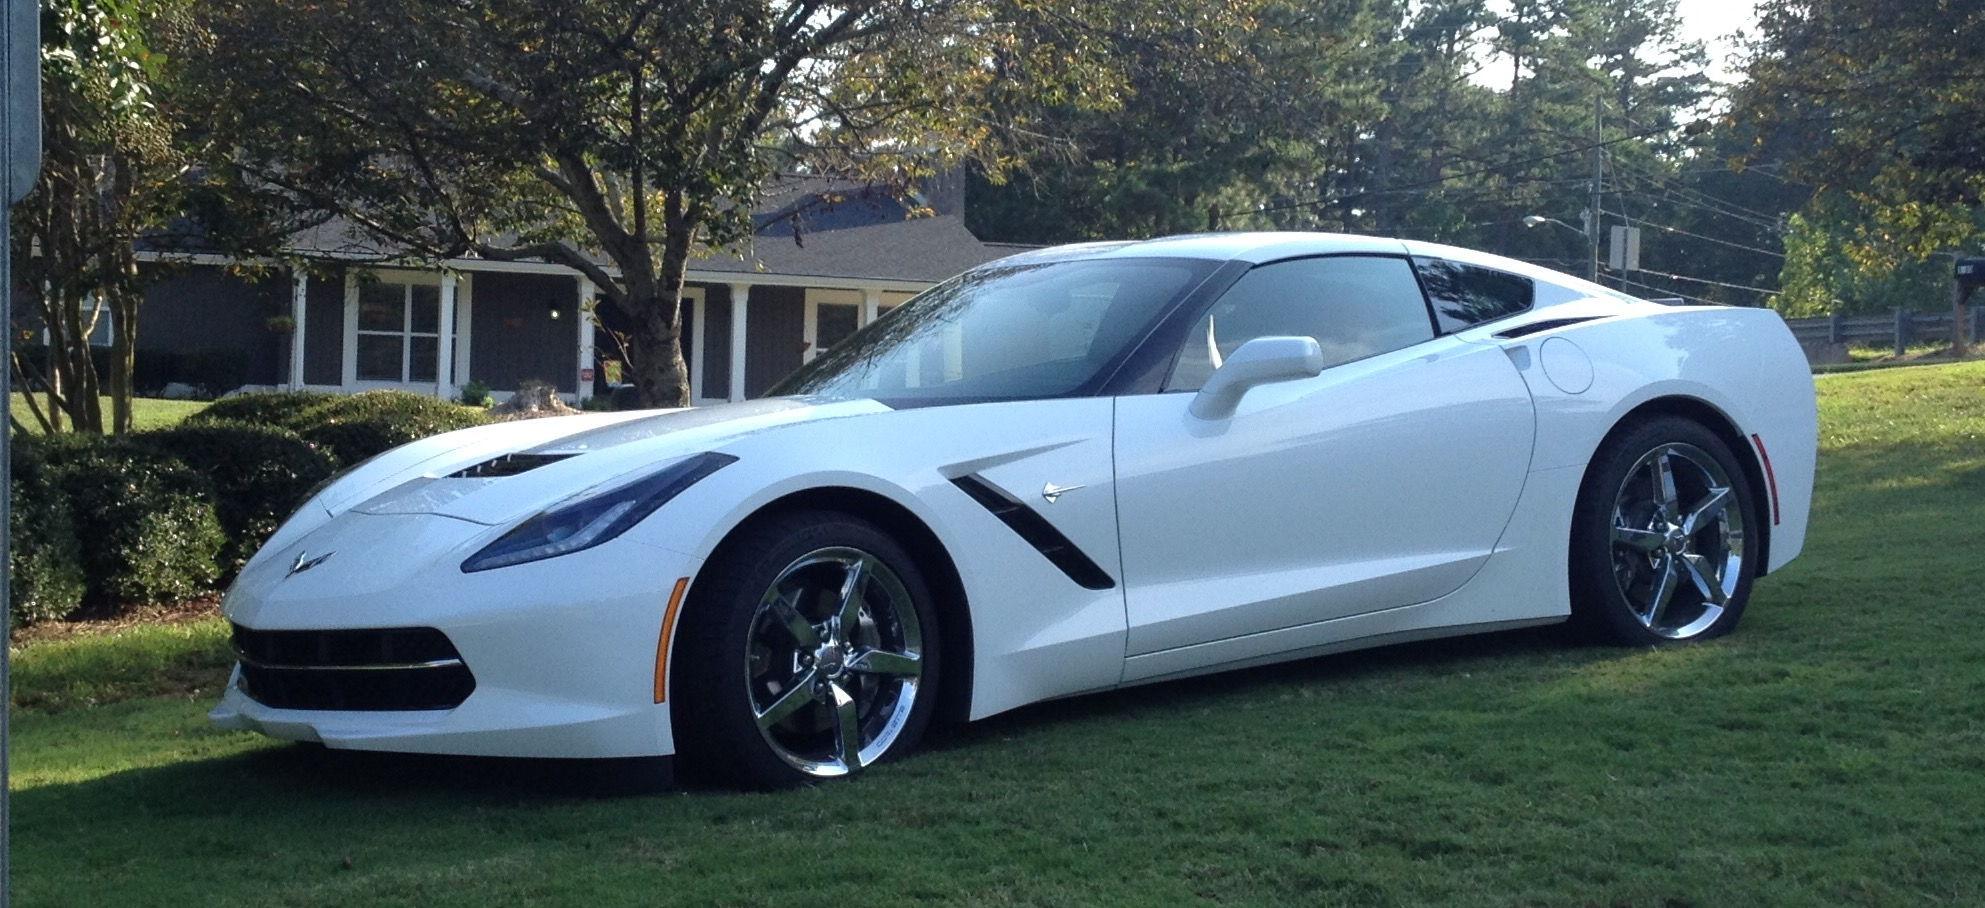 c7 2015 coup for sale corvetteforum chevrolet corvette forum discussion. Black Bedroom Furniture Sets. Home Design Ideas